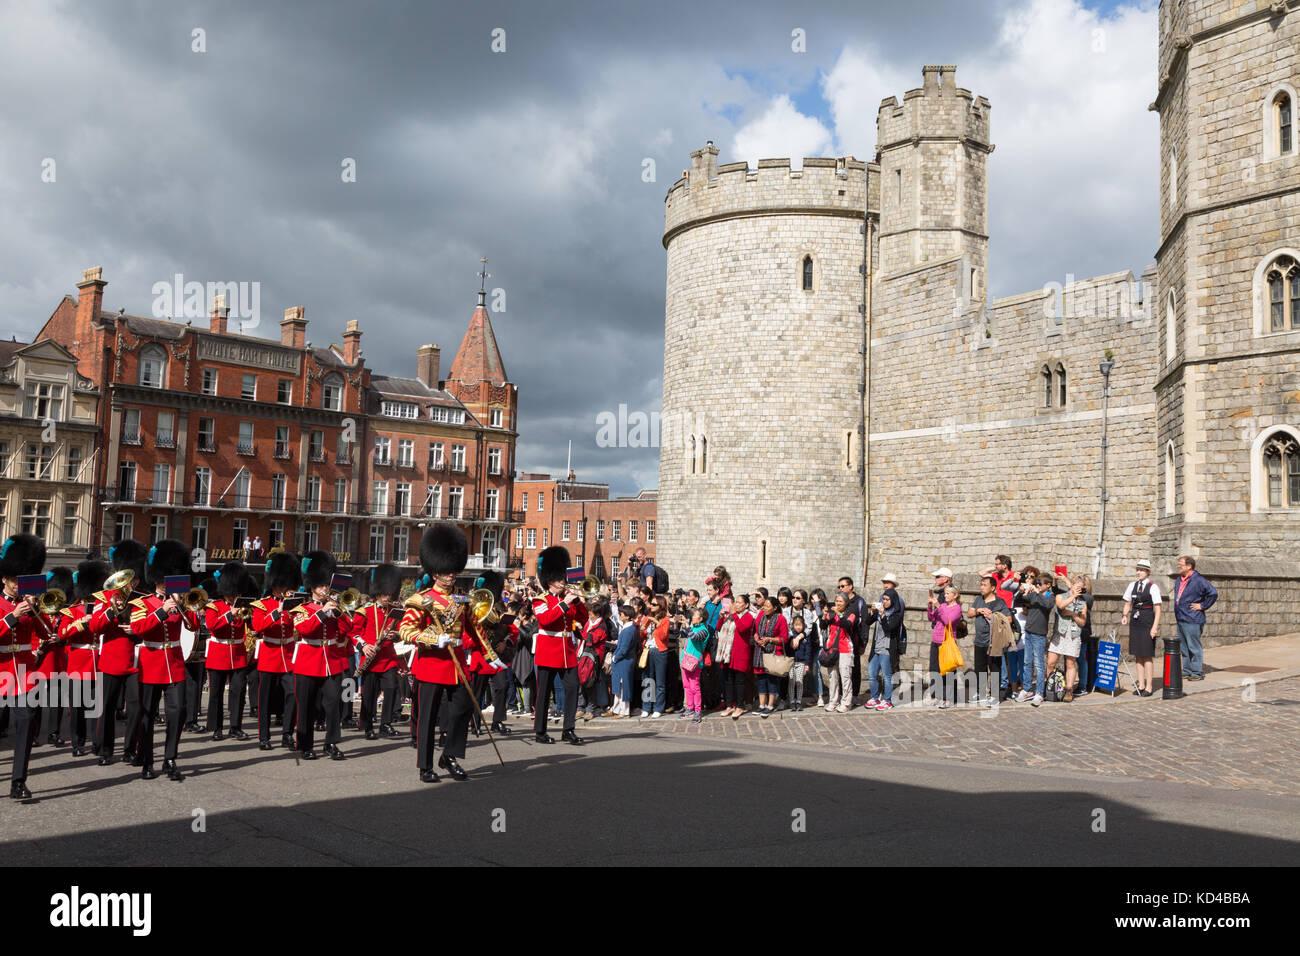 Windsor Castle, Changing of the guard, Windsor Castle, Windsor, Berkshire England UK - Stock Image